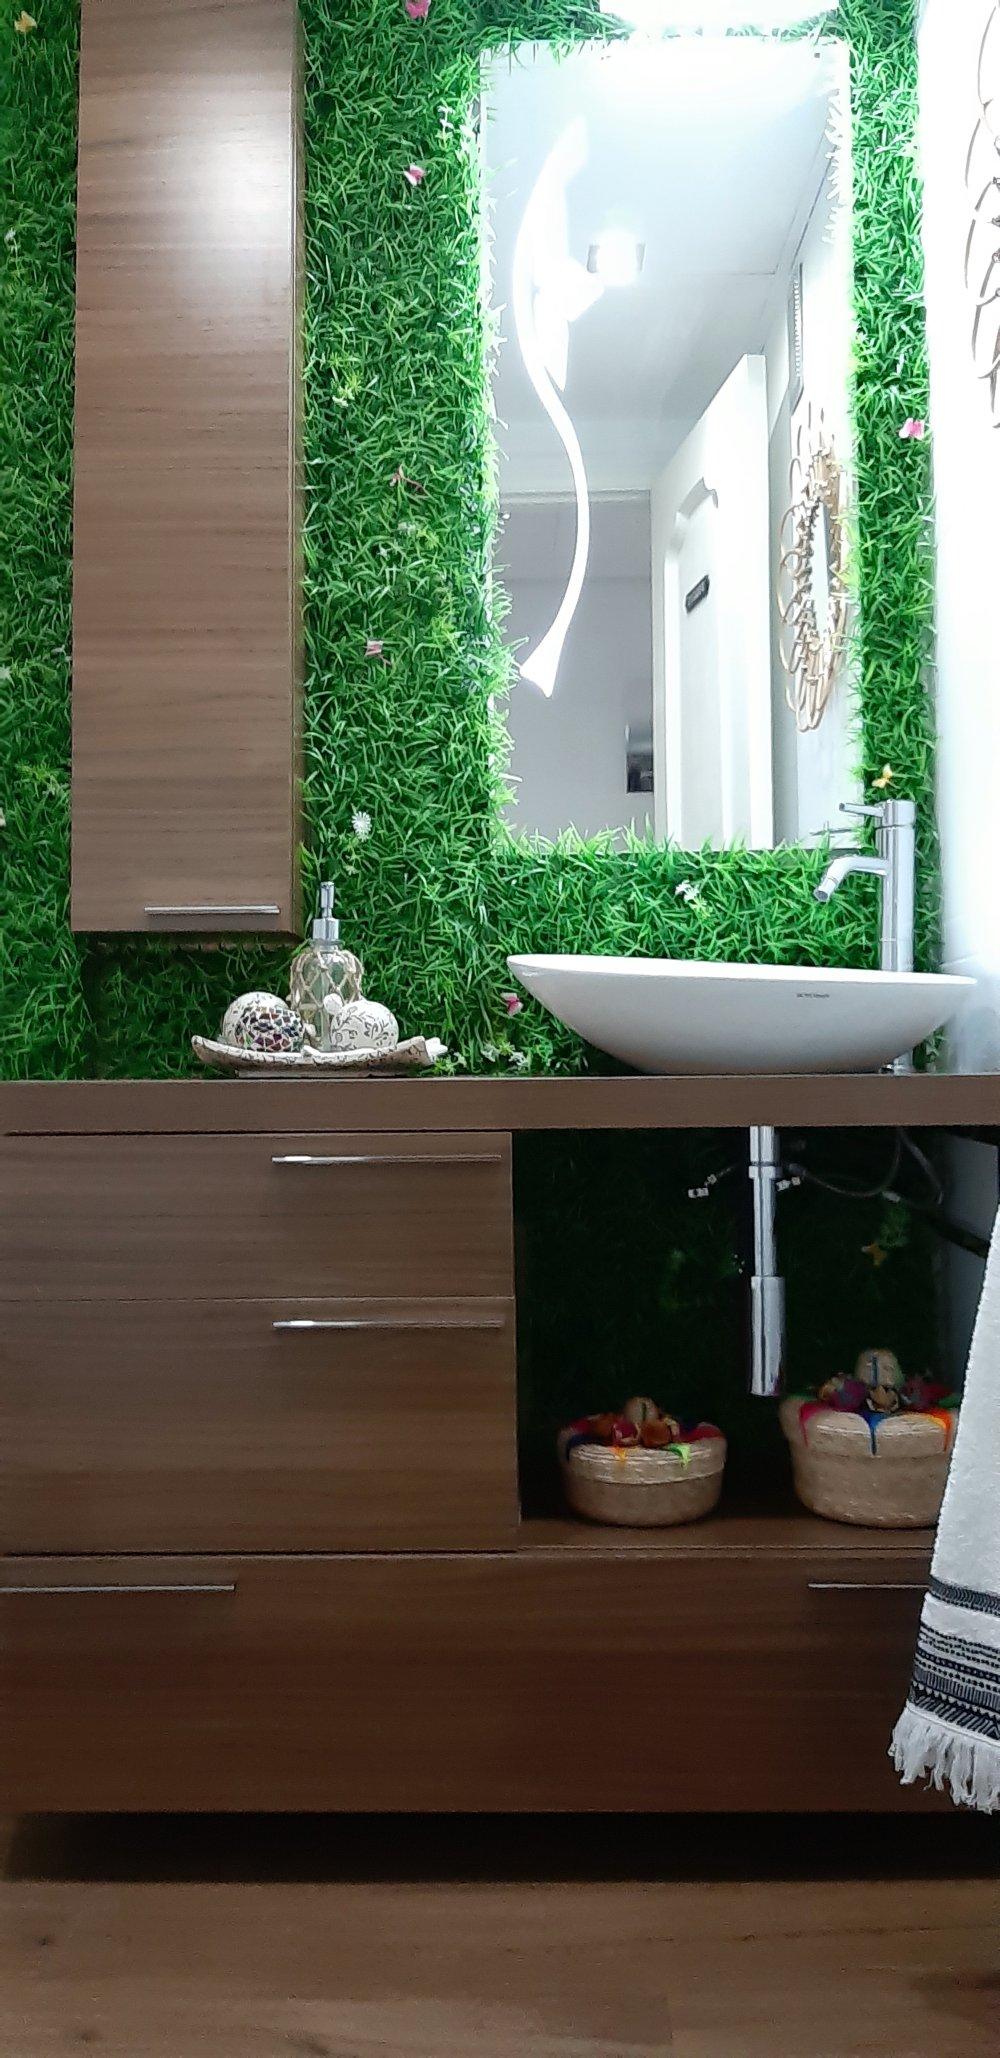 jardin vertical baño.jpg